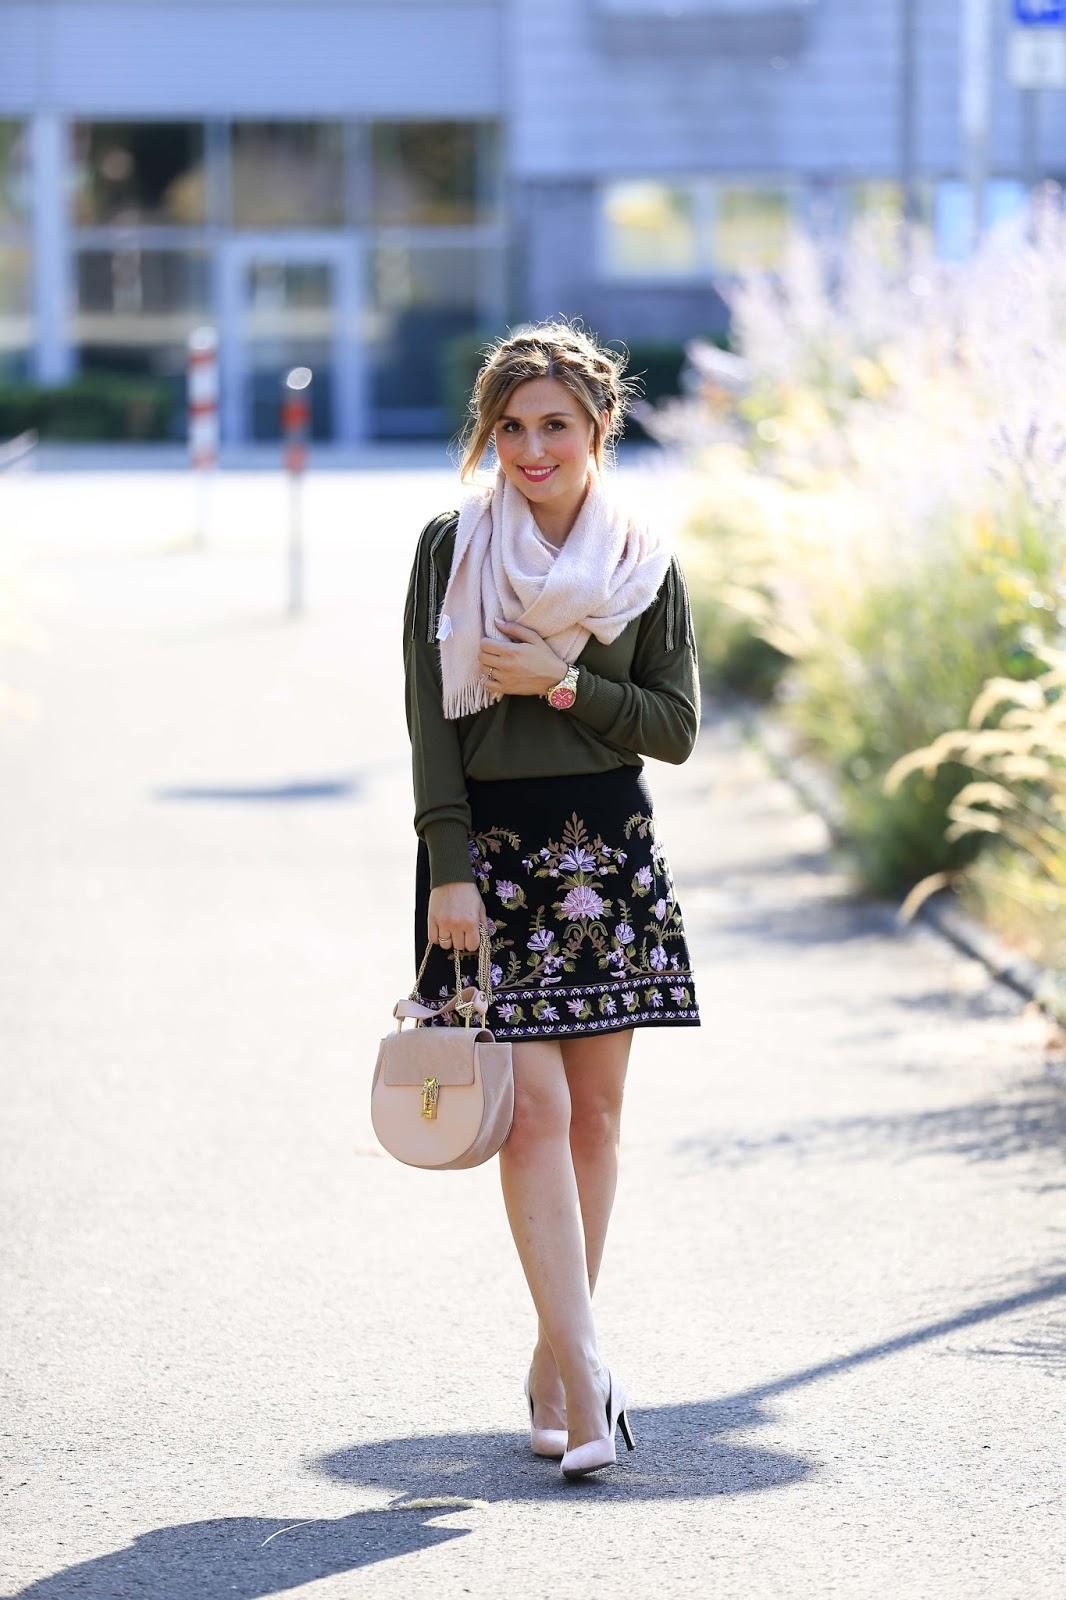 Oasis Rock - Zara Schuhe - Rosa Pumps - Rosa High Heels - Wildlederschuhe - Rosa Schuhe kombinieren - Chloe Tasche Blogger - Blogger aus Deutschland